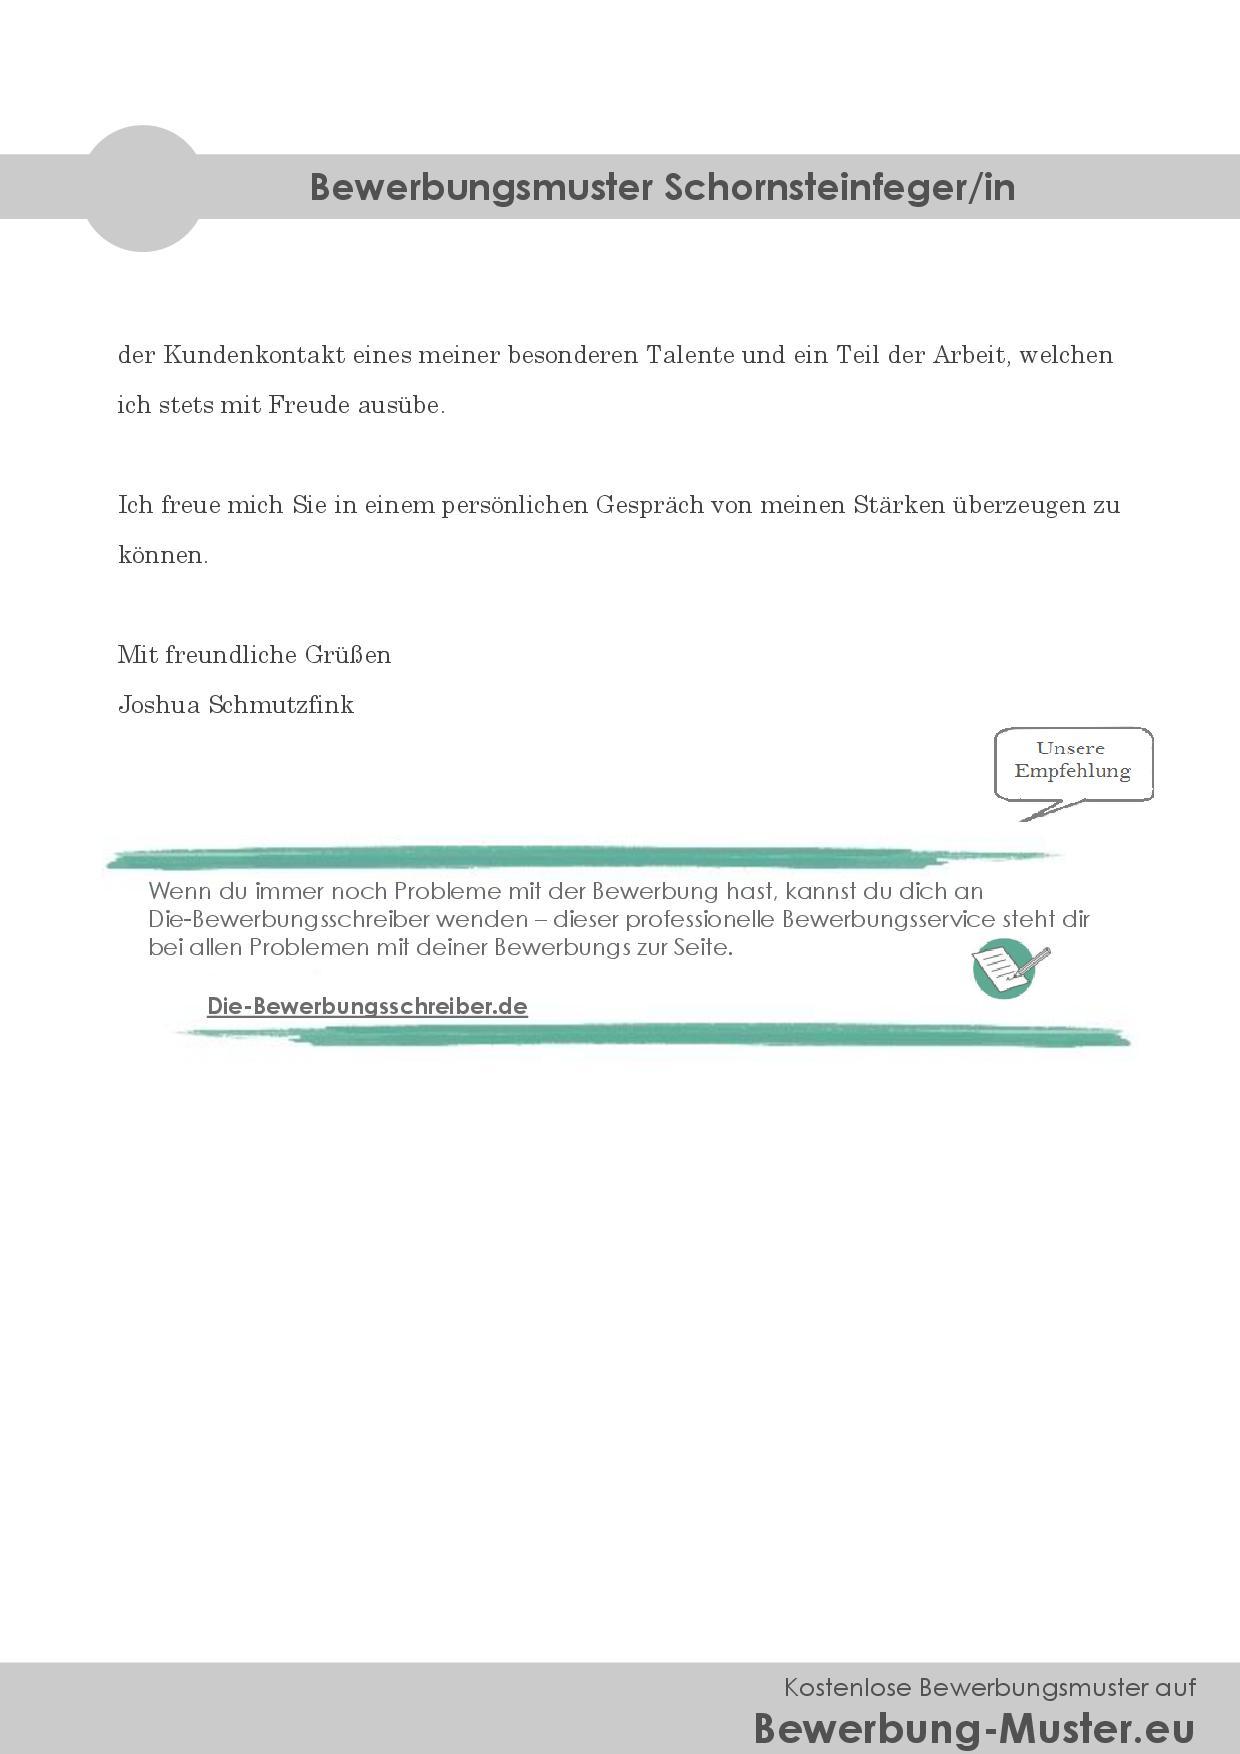 Bewerbungsmuster Schornsteinfeger/in